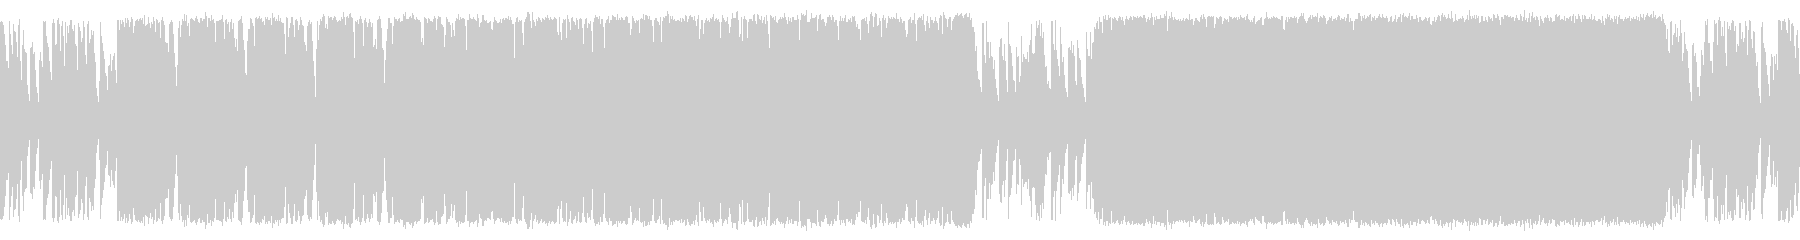 悪が蔓延る独裁サイコの進軍 ループ仕様の未再生の波形